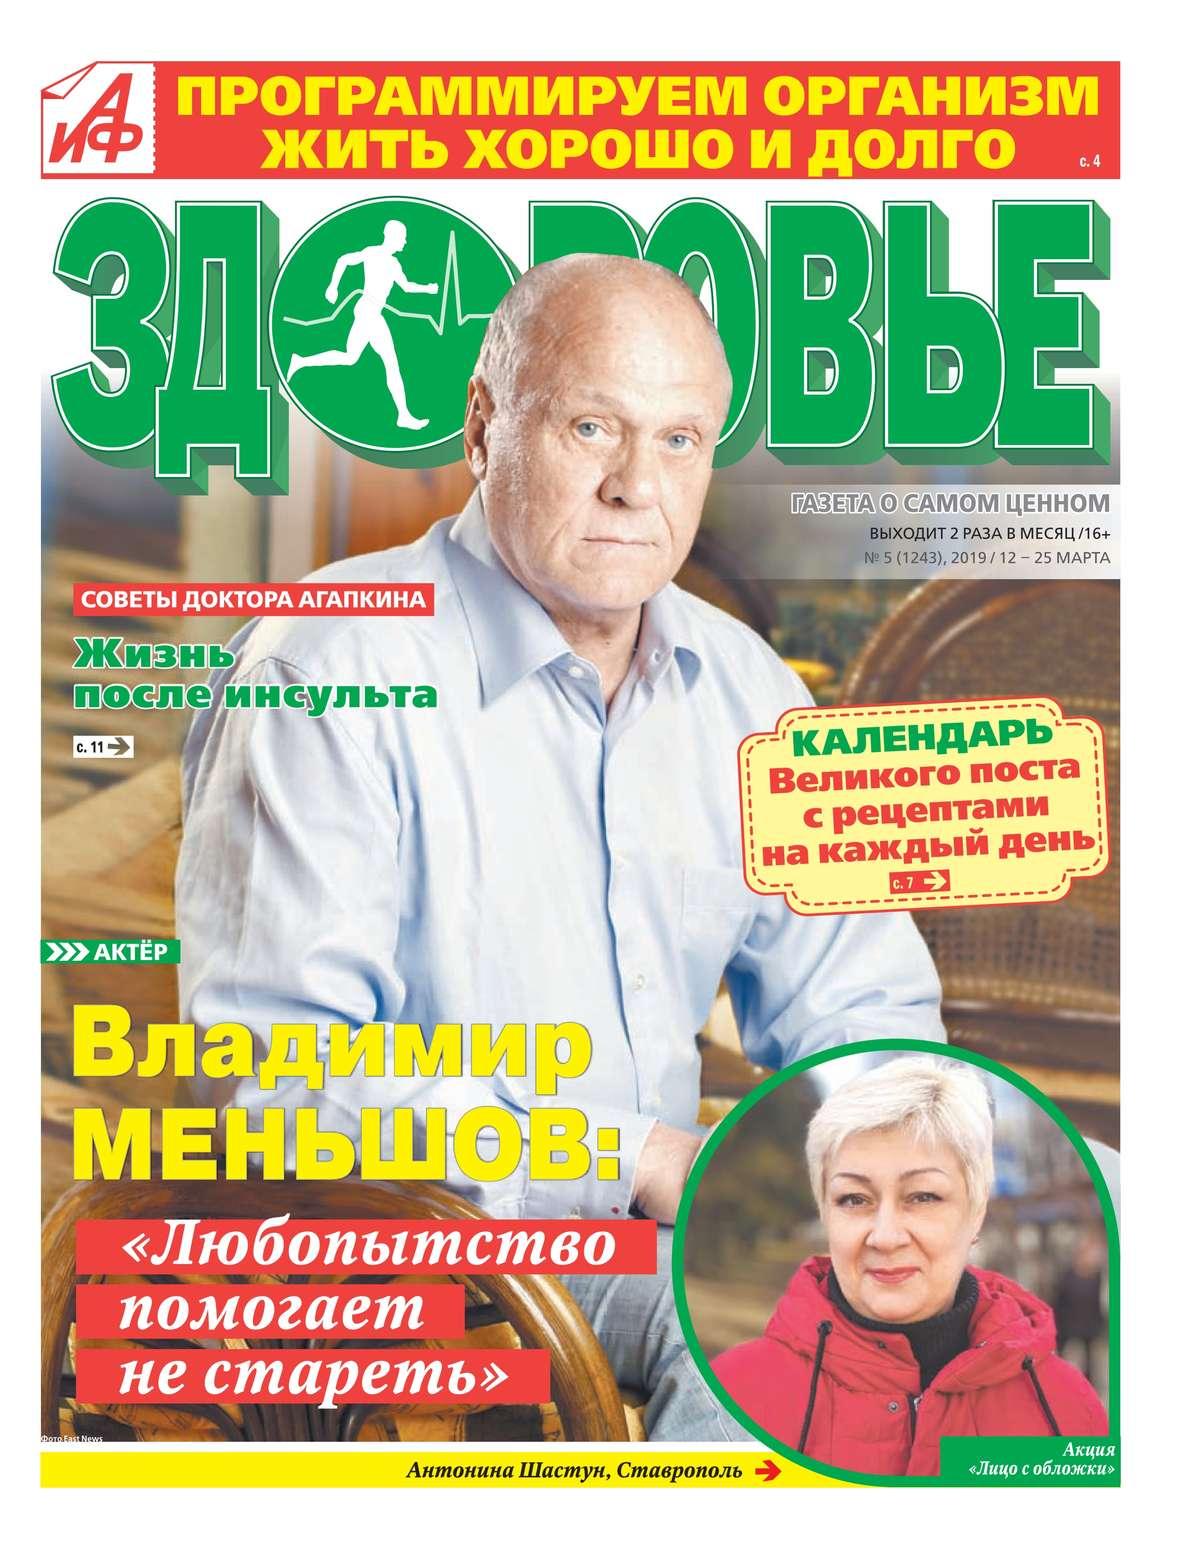 Редакция газеты Аиф. Здоровье Аиф. Здоровье 05-2019 цена